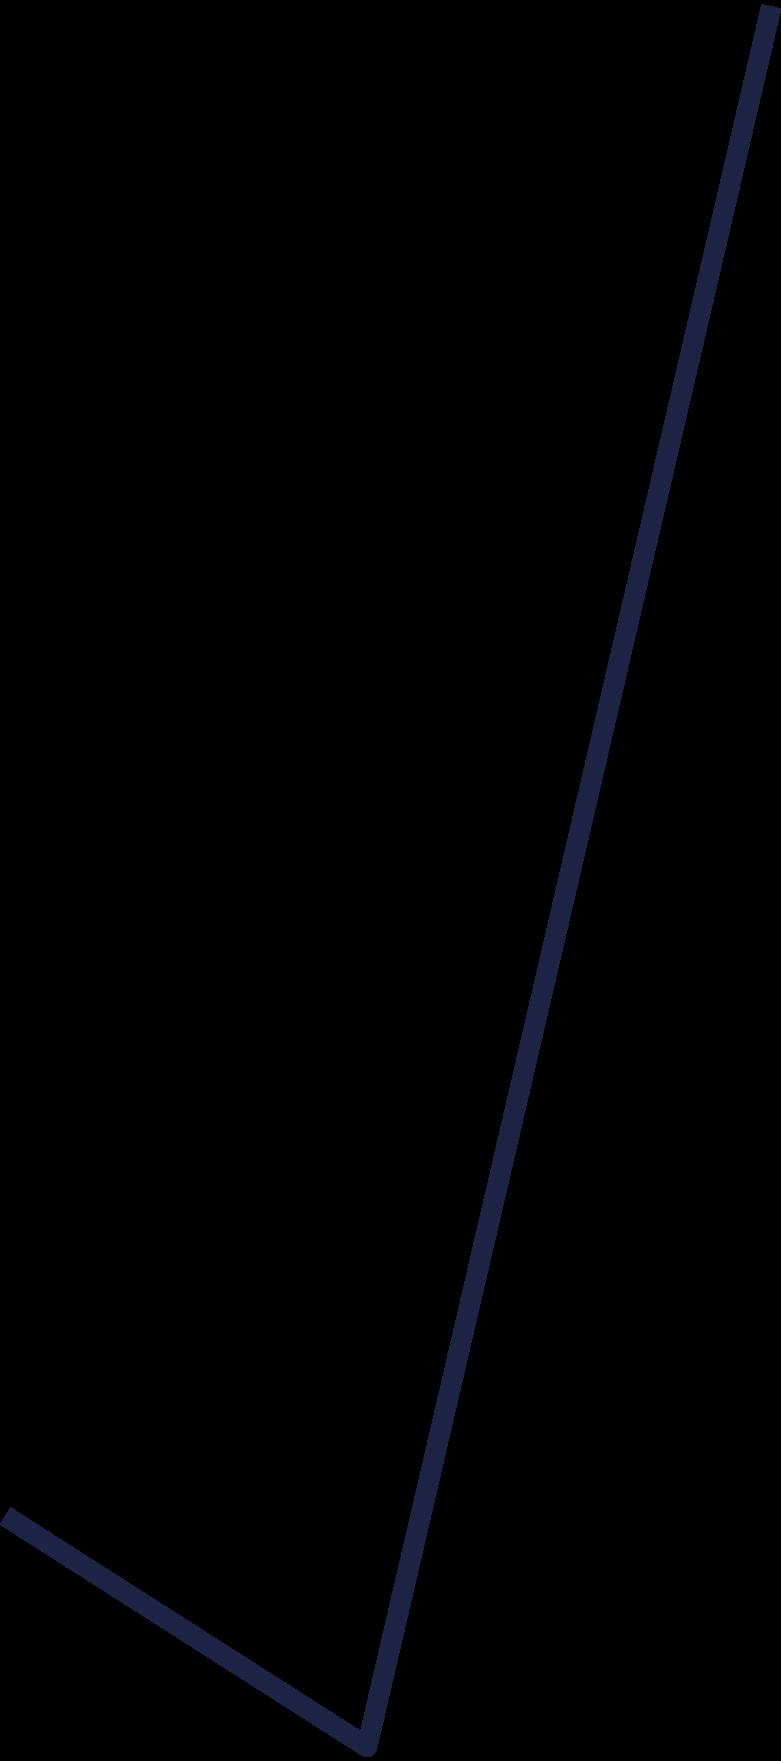 deltaplane rod 2 line Clipart illustration in PNG, SVG